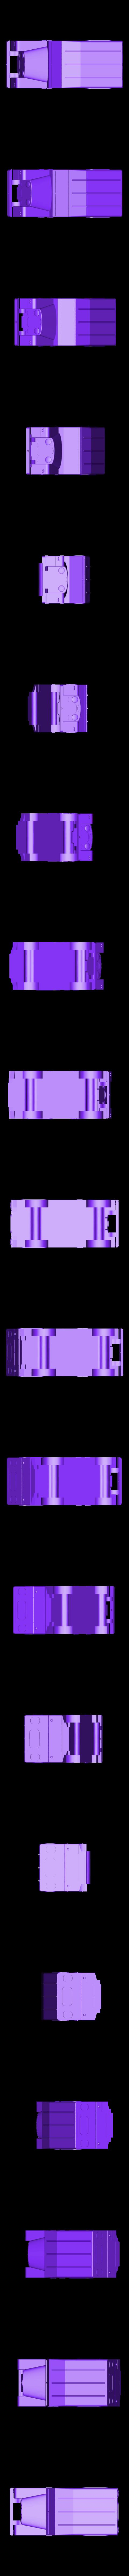 Assembly1.stl Télécharger fichier STL gratuit Land Rover série 1 • Objet pour imprimante 3D, Terryjenkins3D